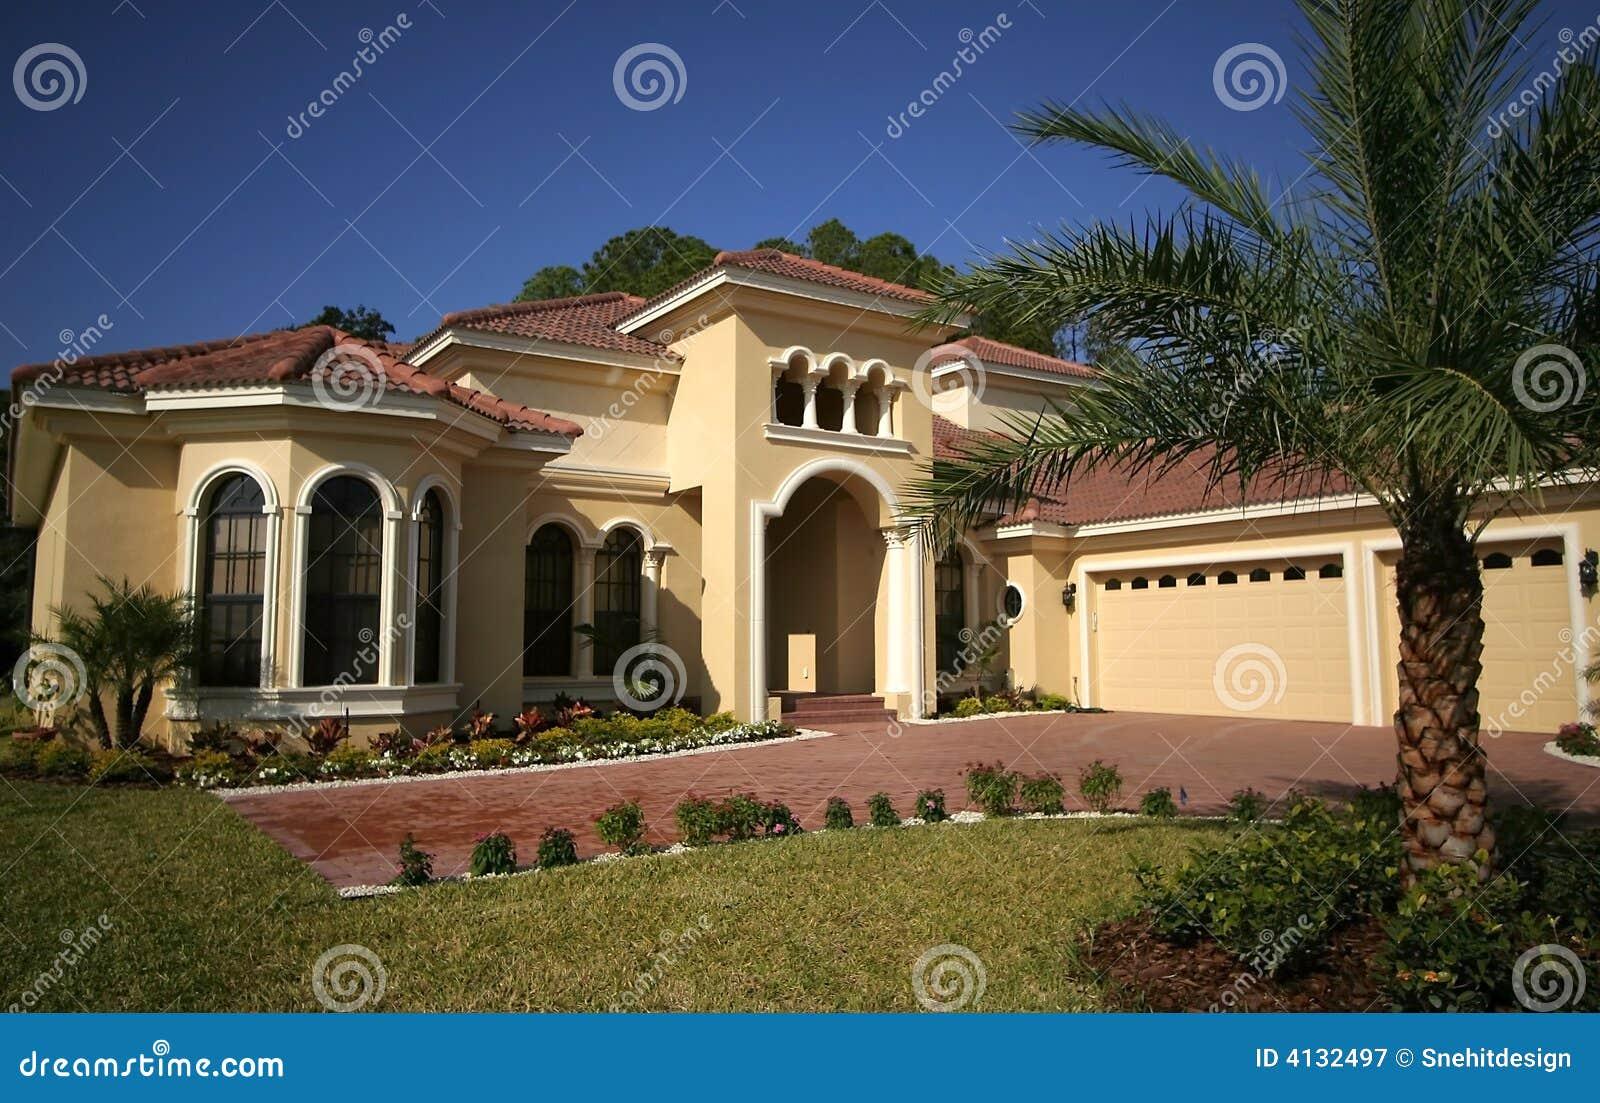 Maison de la Floride